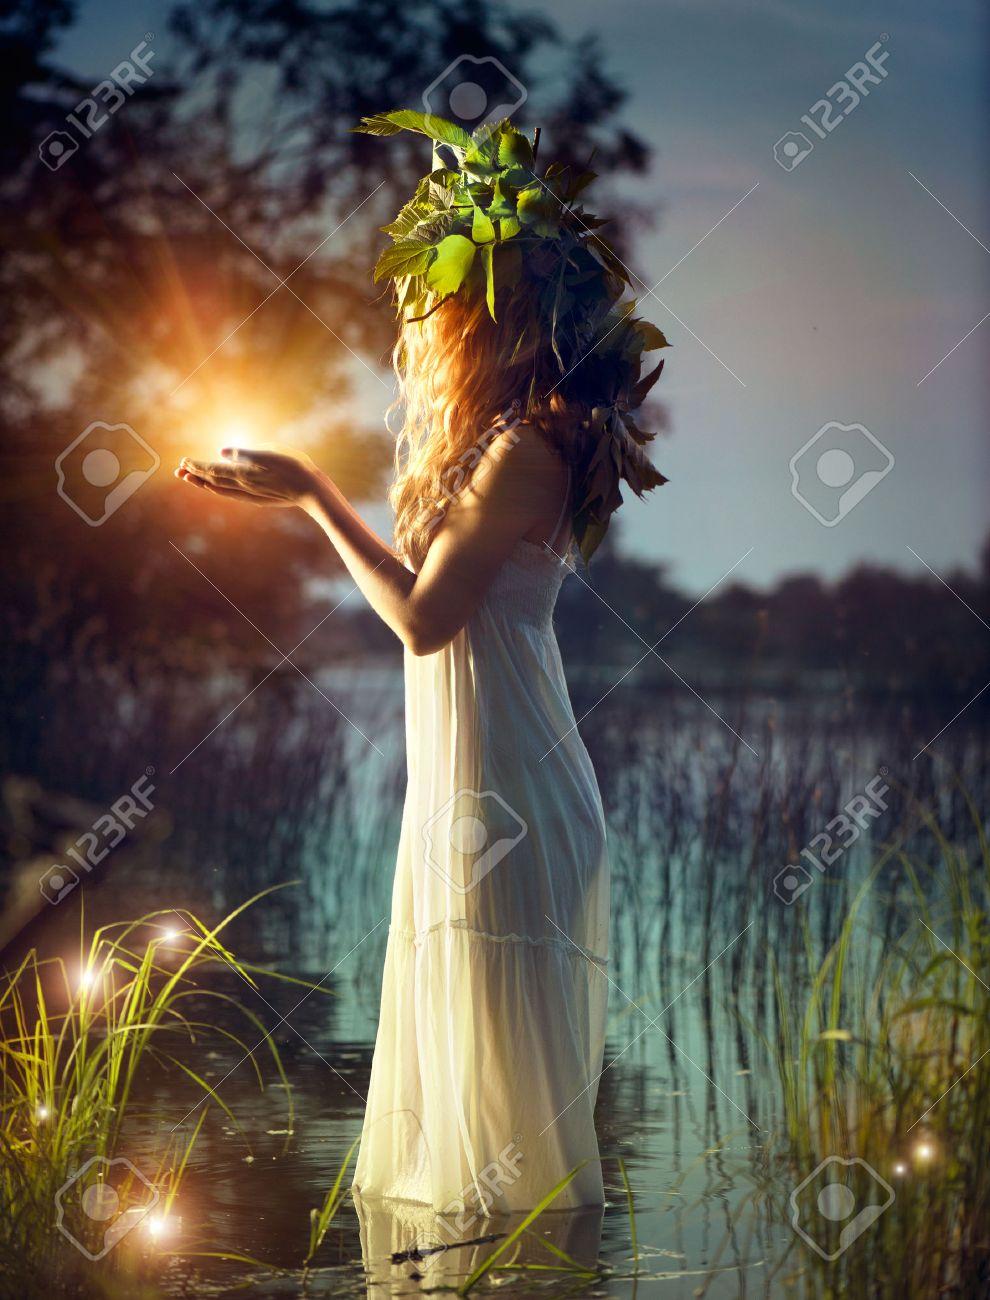 Fantasy girl taking magic light Mysterious night scene - 29096080